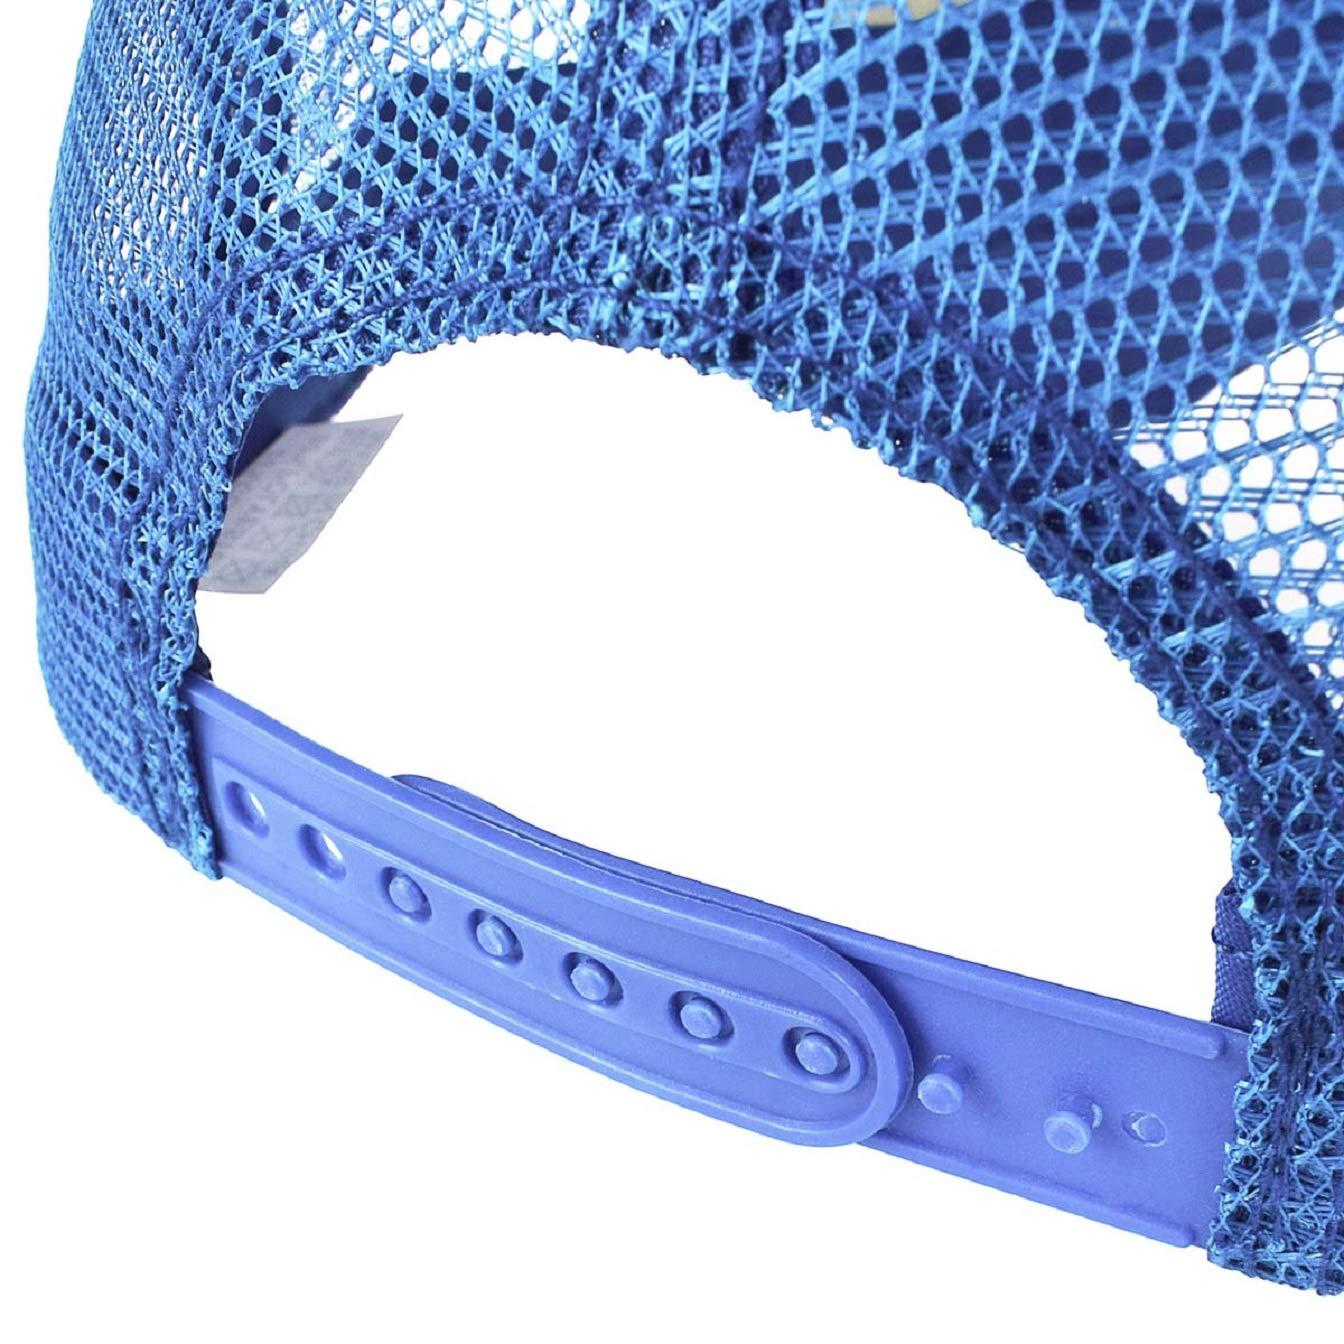 Tuopuda Cappellino da Baseball cap Snapback Cappellini Regolabile Sport Basecap Ricamato Cappello Sportivo Sun Berretto Donna Uomo Estate